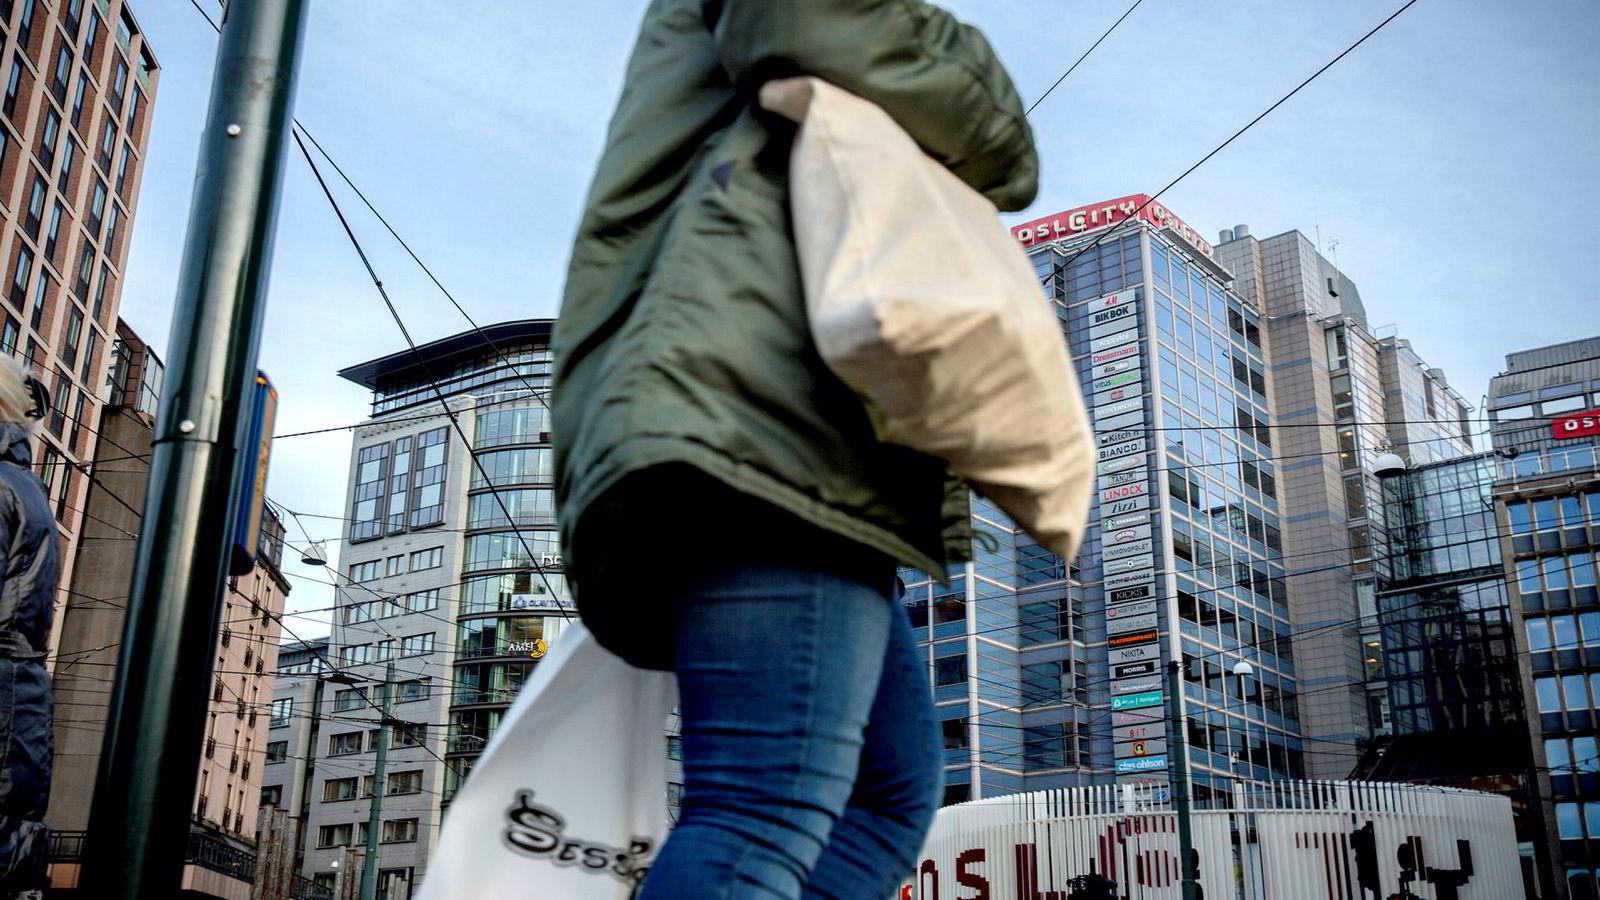 Norske husholdningers gjeld har vokst kraftig de siste syv årene, men takket være at inntektsveksten gjennomgående har vært høyere enn rentene har det vært mulig å opprettholde en konstant gjeldsgrad, skriver artikkelforfatteren. Foto: